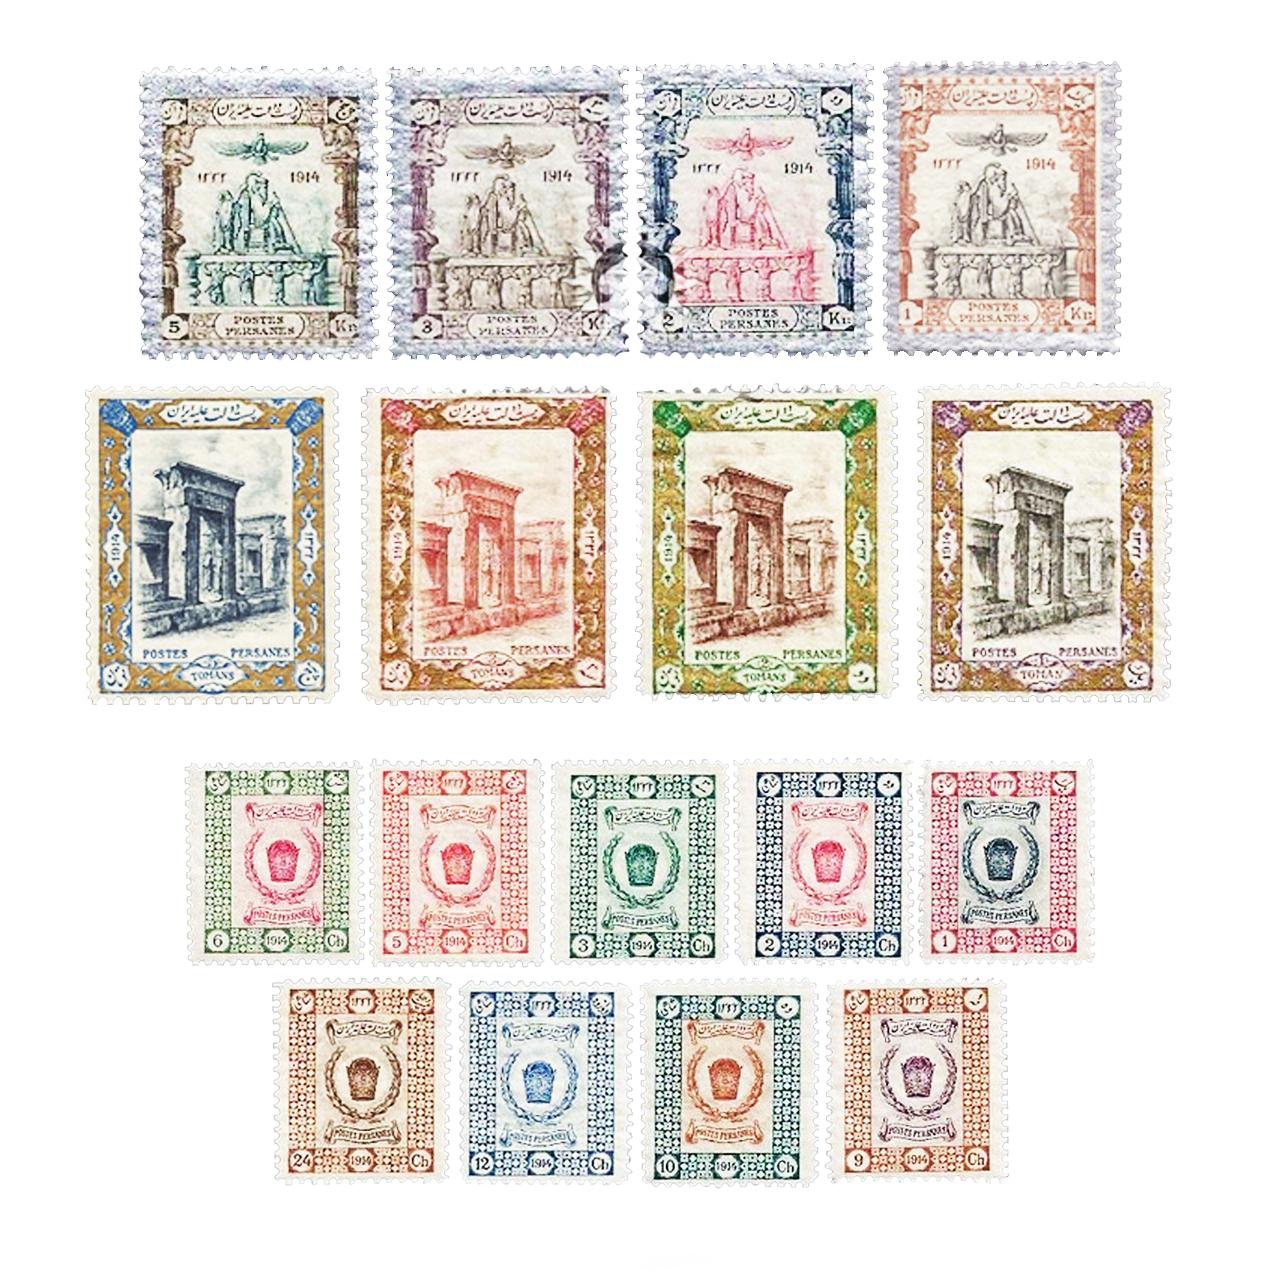 تمبر یادگاری سری قاجار مدل تاجگذارای احمدشاه کد 54 مجموعه 17 عددی